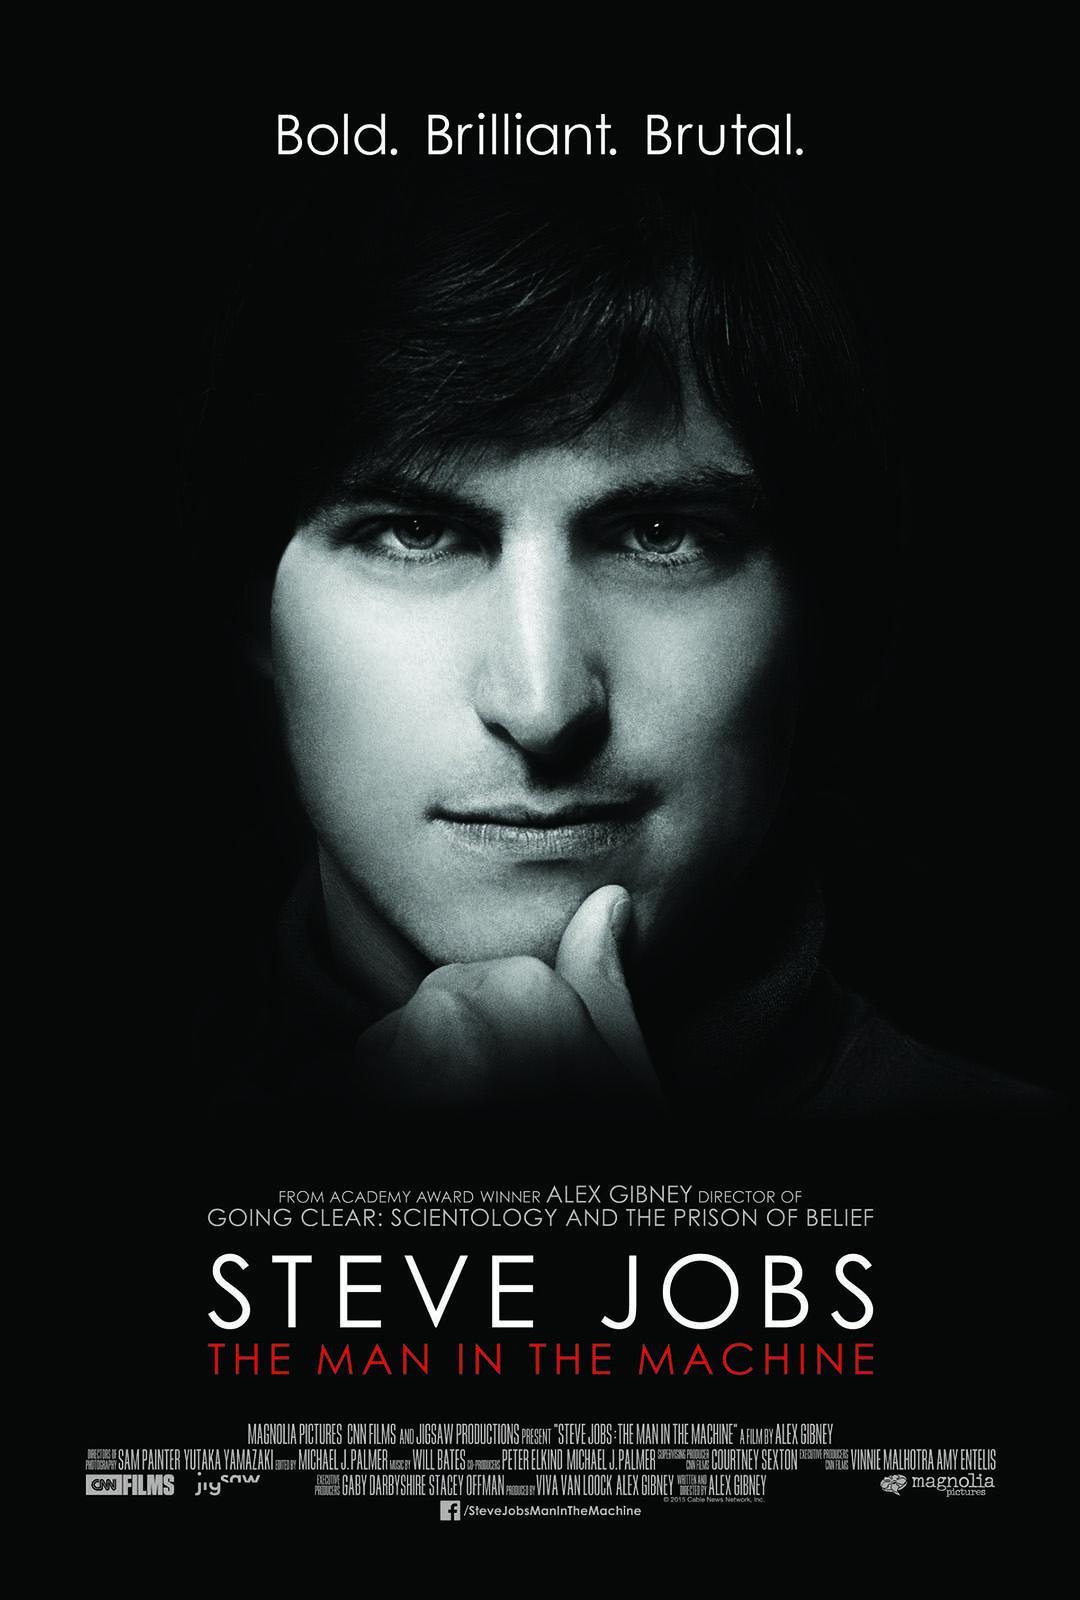 紀錄片《喬布斯:機械人生》(Steve Jobs: The Man in the Machine)海報。